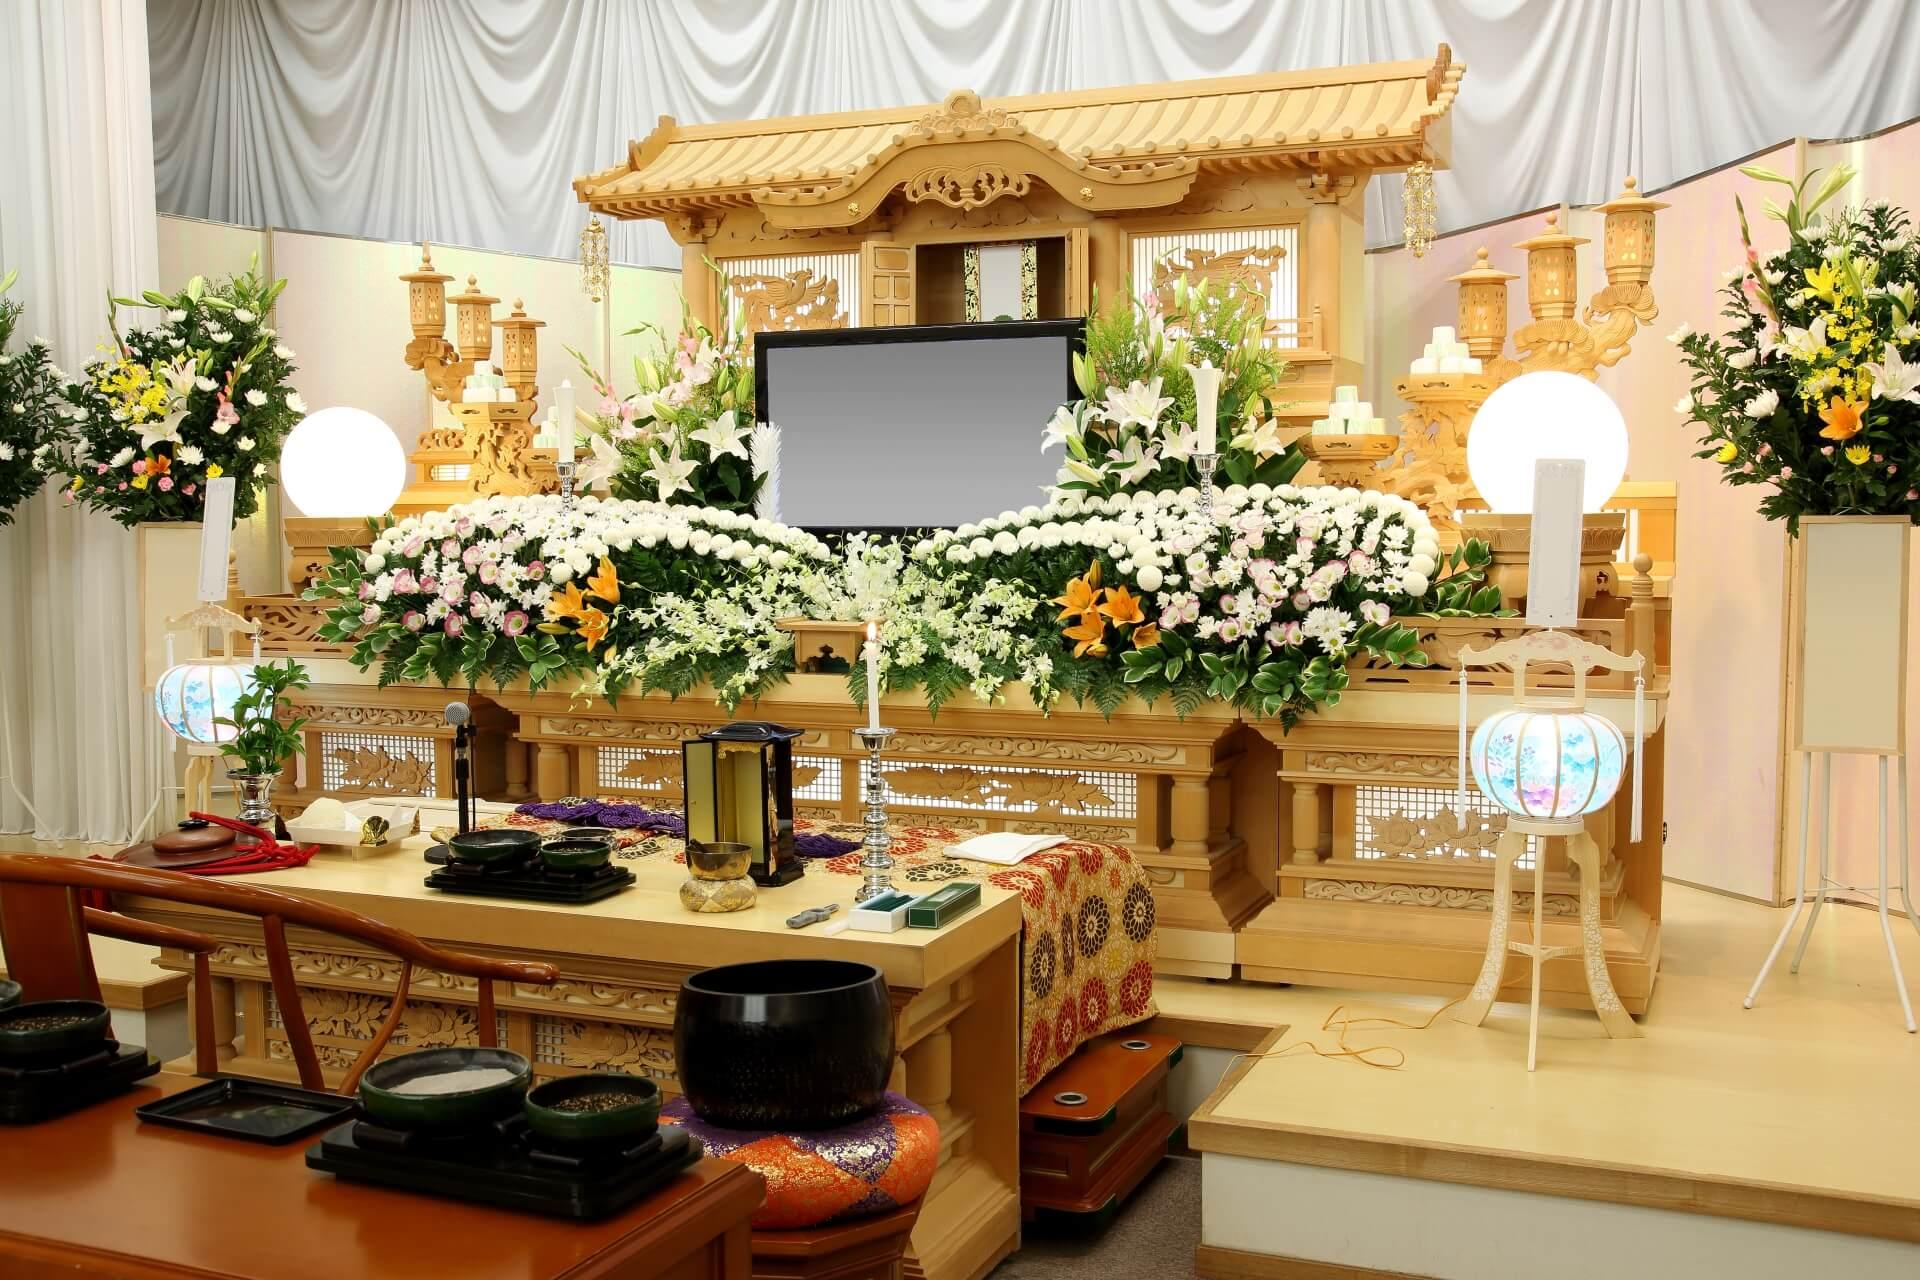 川崎市で家族葬をご検討中の方に祭壇に種類をご紹介